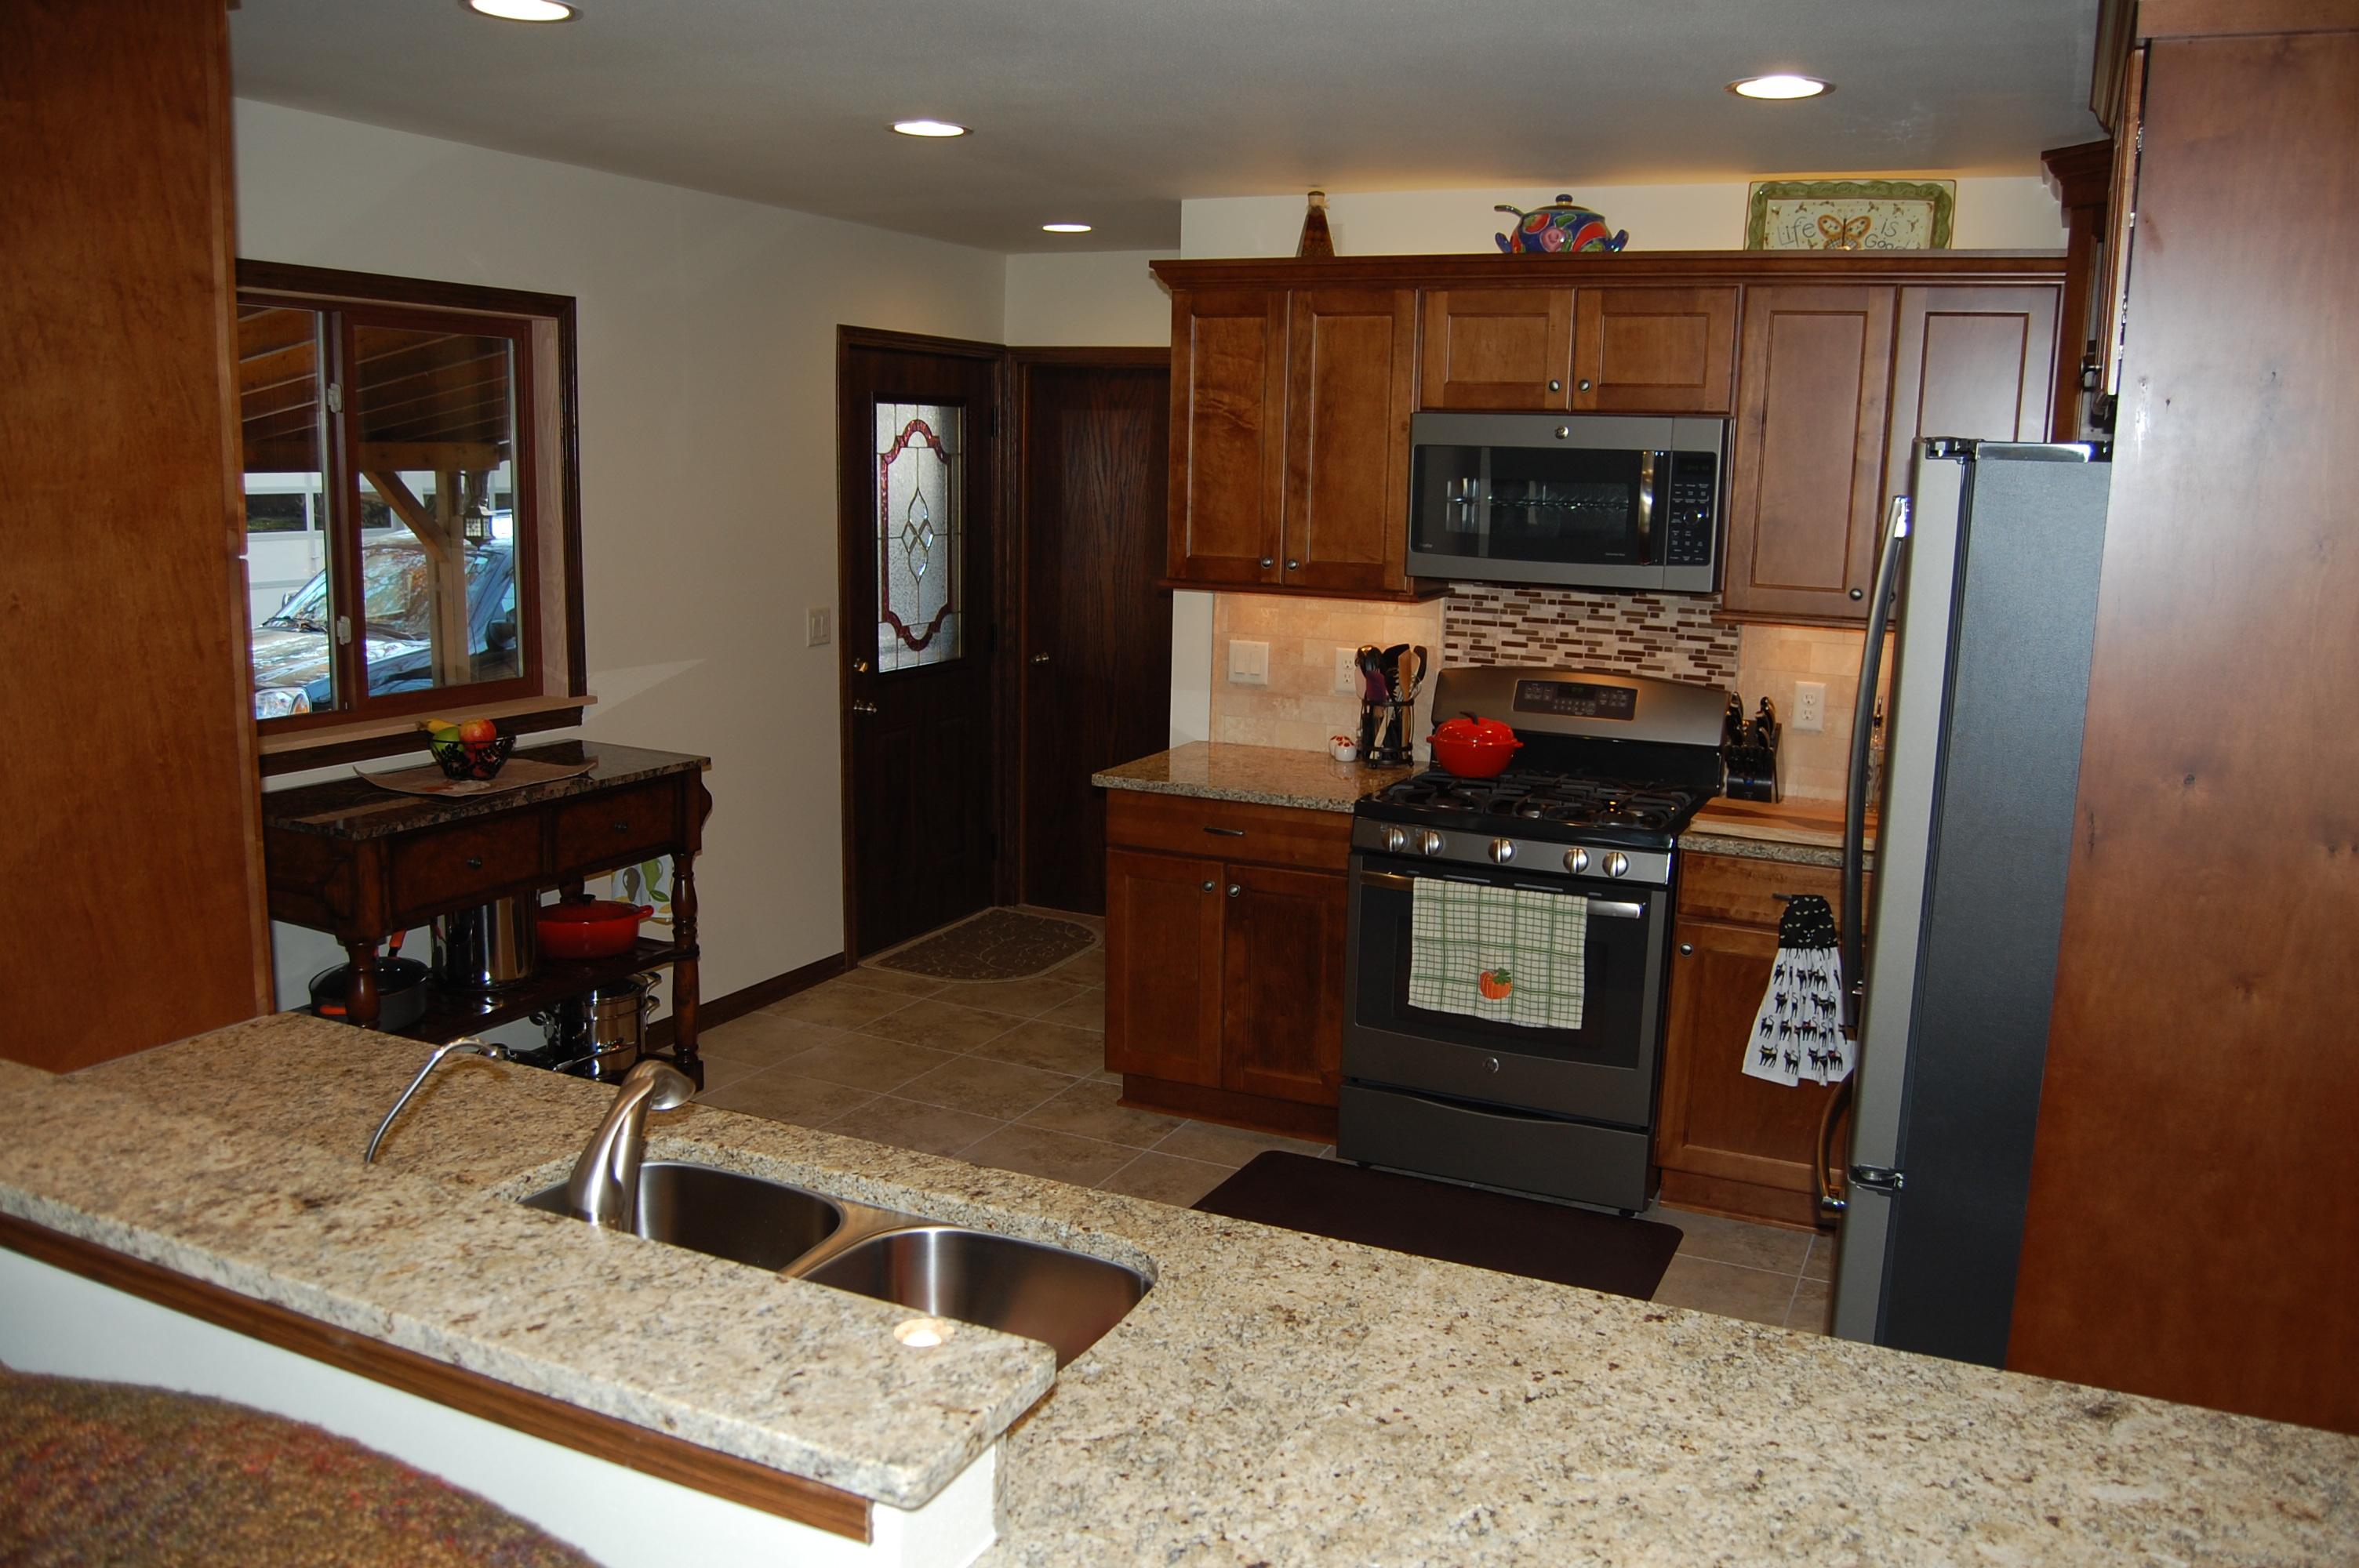 verges kitchen (7)